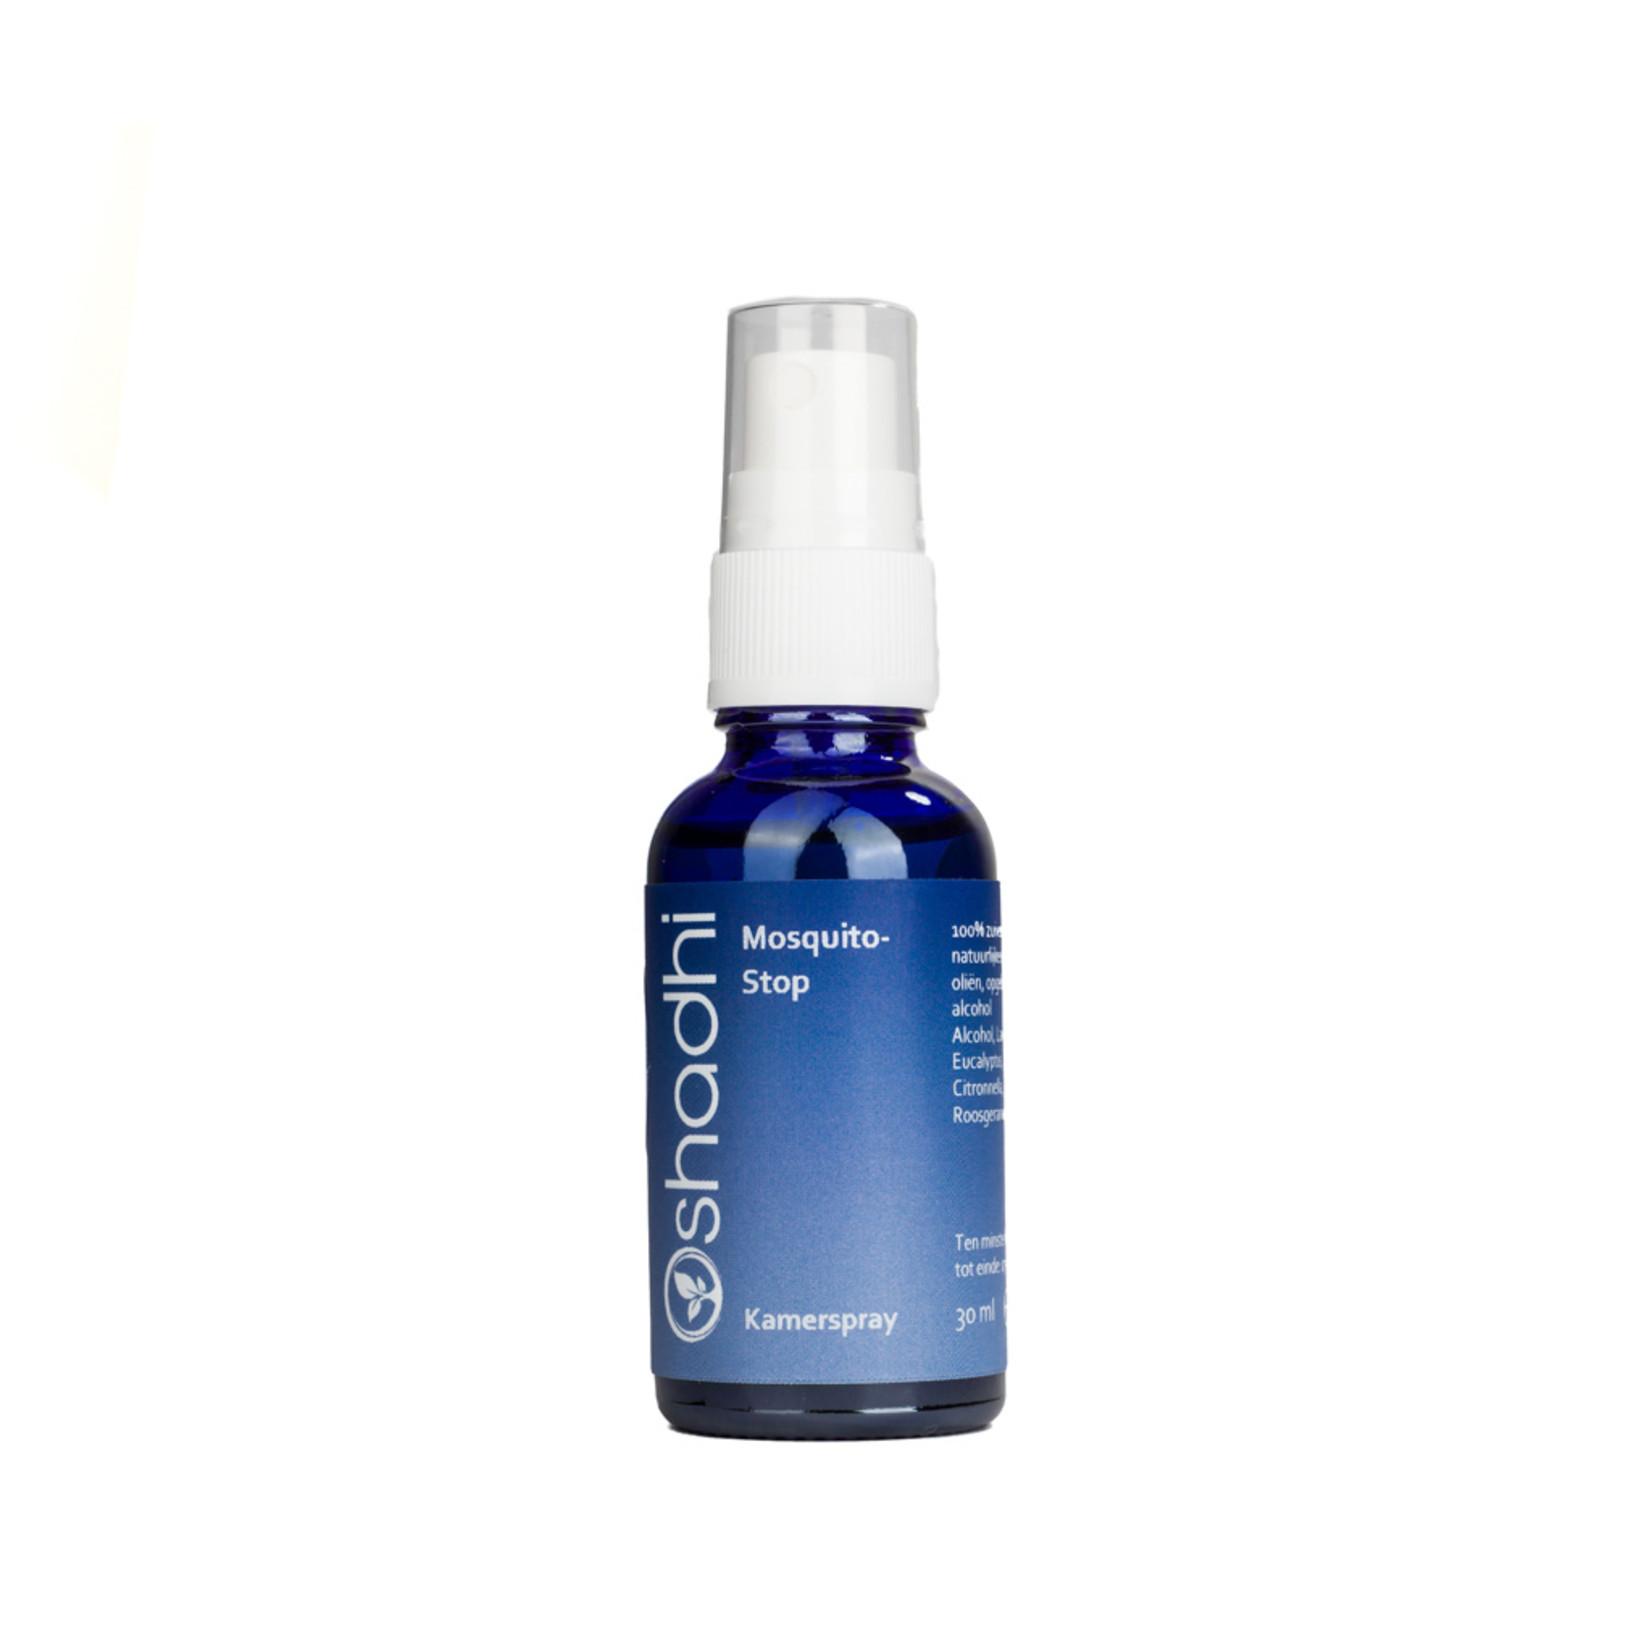 Oshadhi Anti-muggenspray Oshadhi - meeneemformaat - 30ml